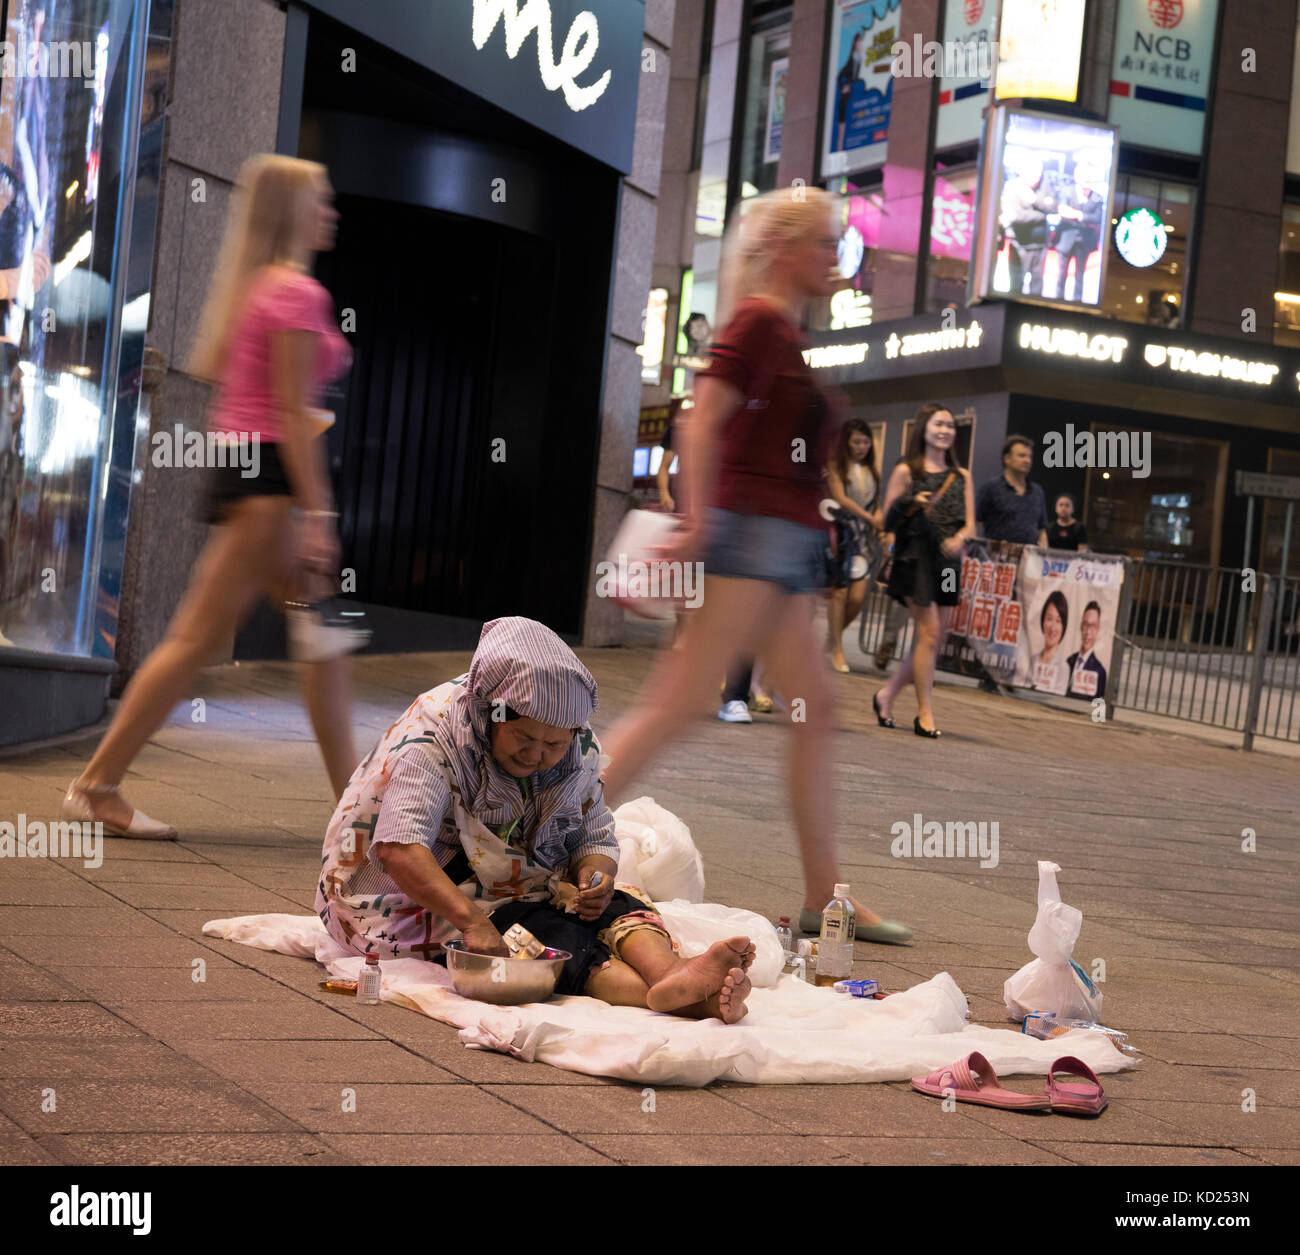 Poverty and homeless, Hong Kong, China. - Stock Image